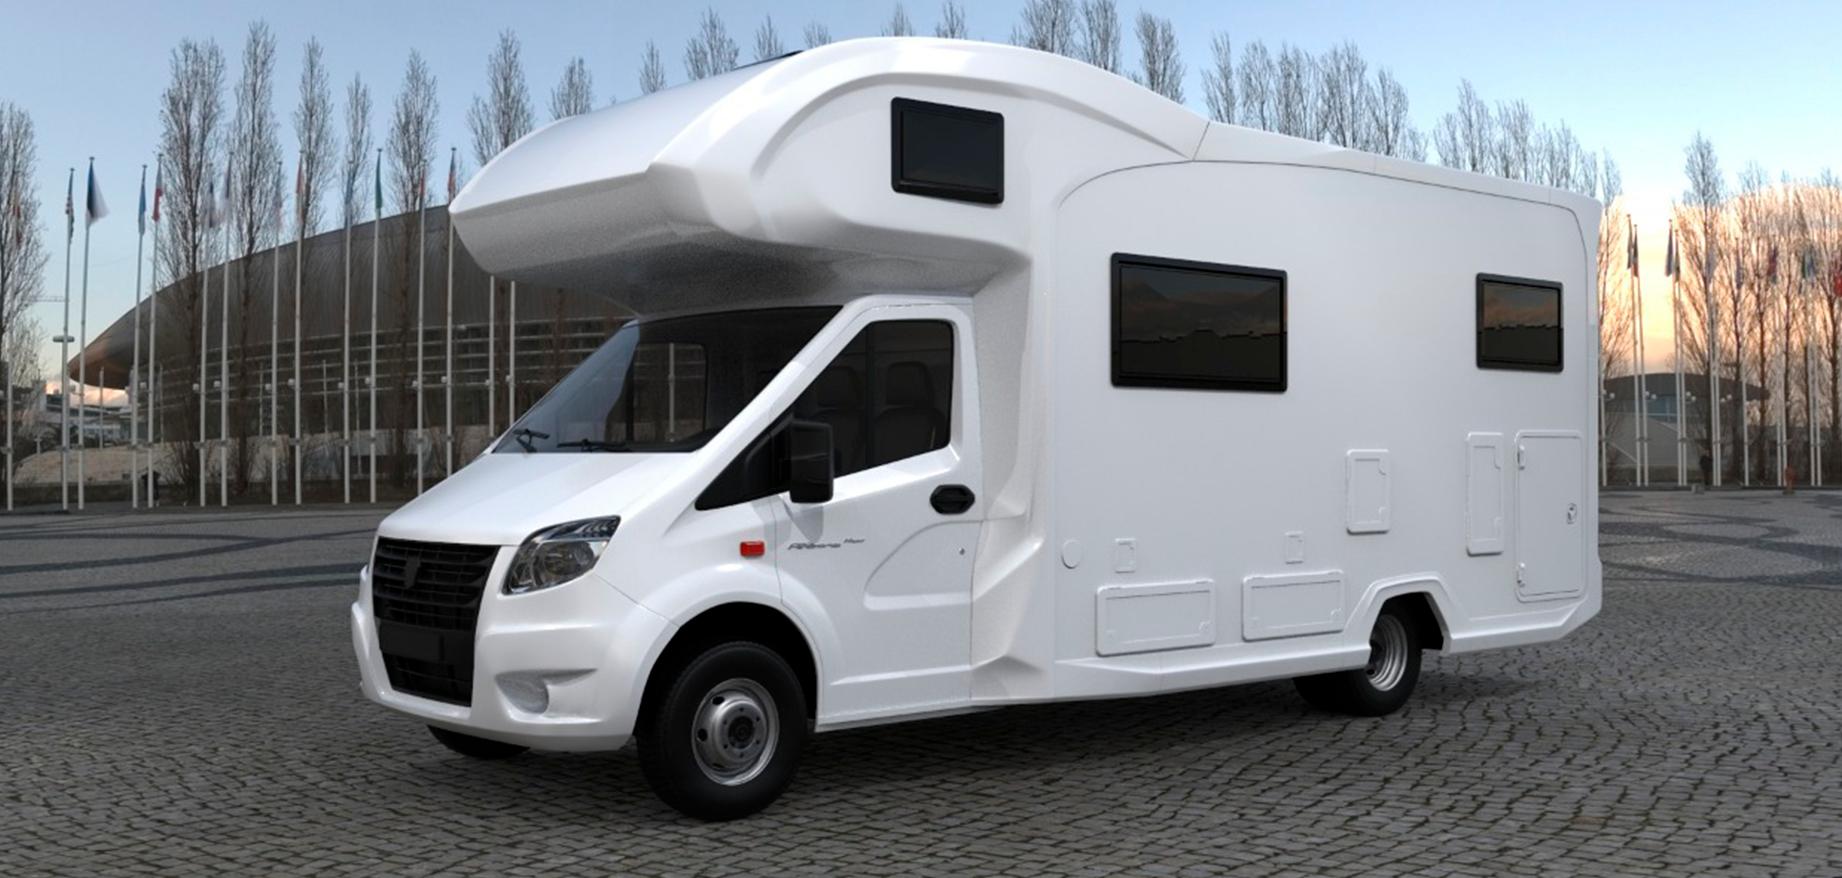 Wohnmobil  Lux Form Создание и производство автодомов, модулей